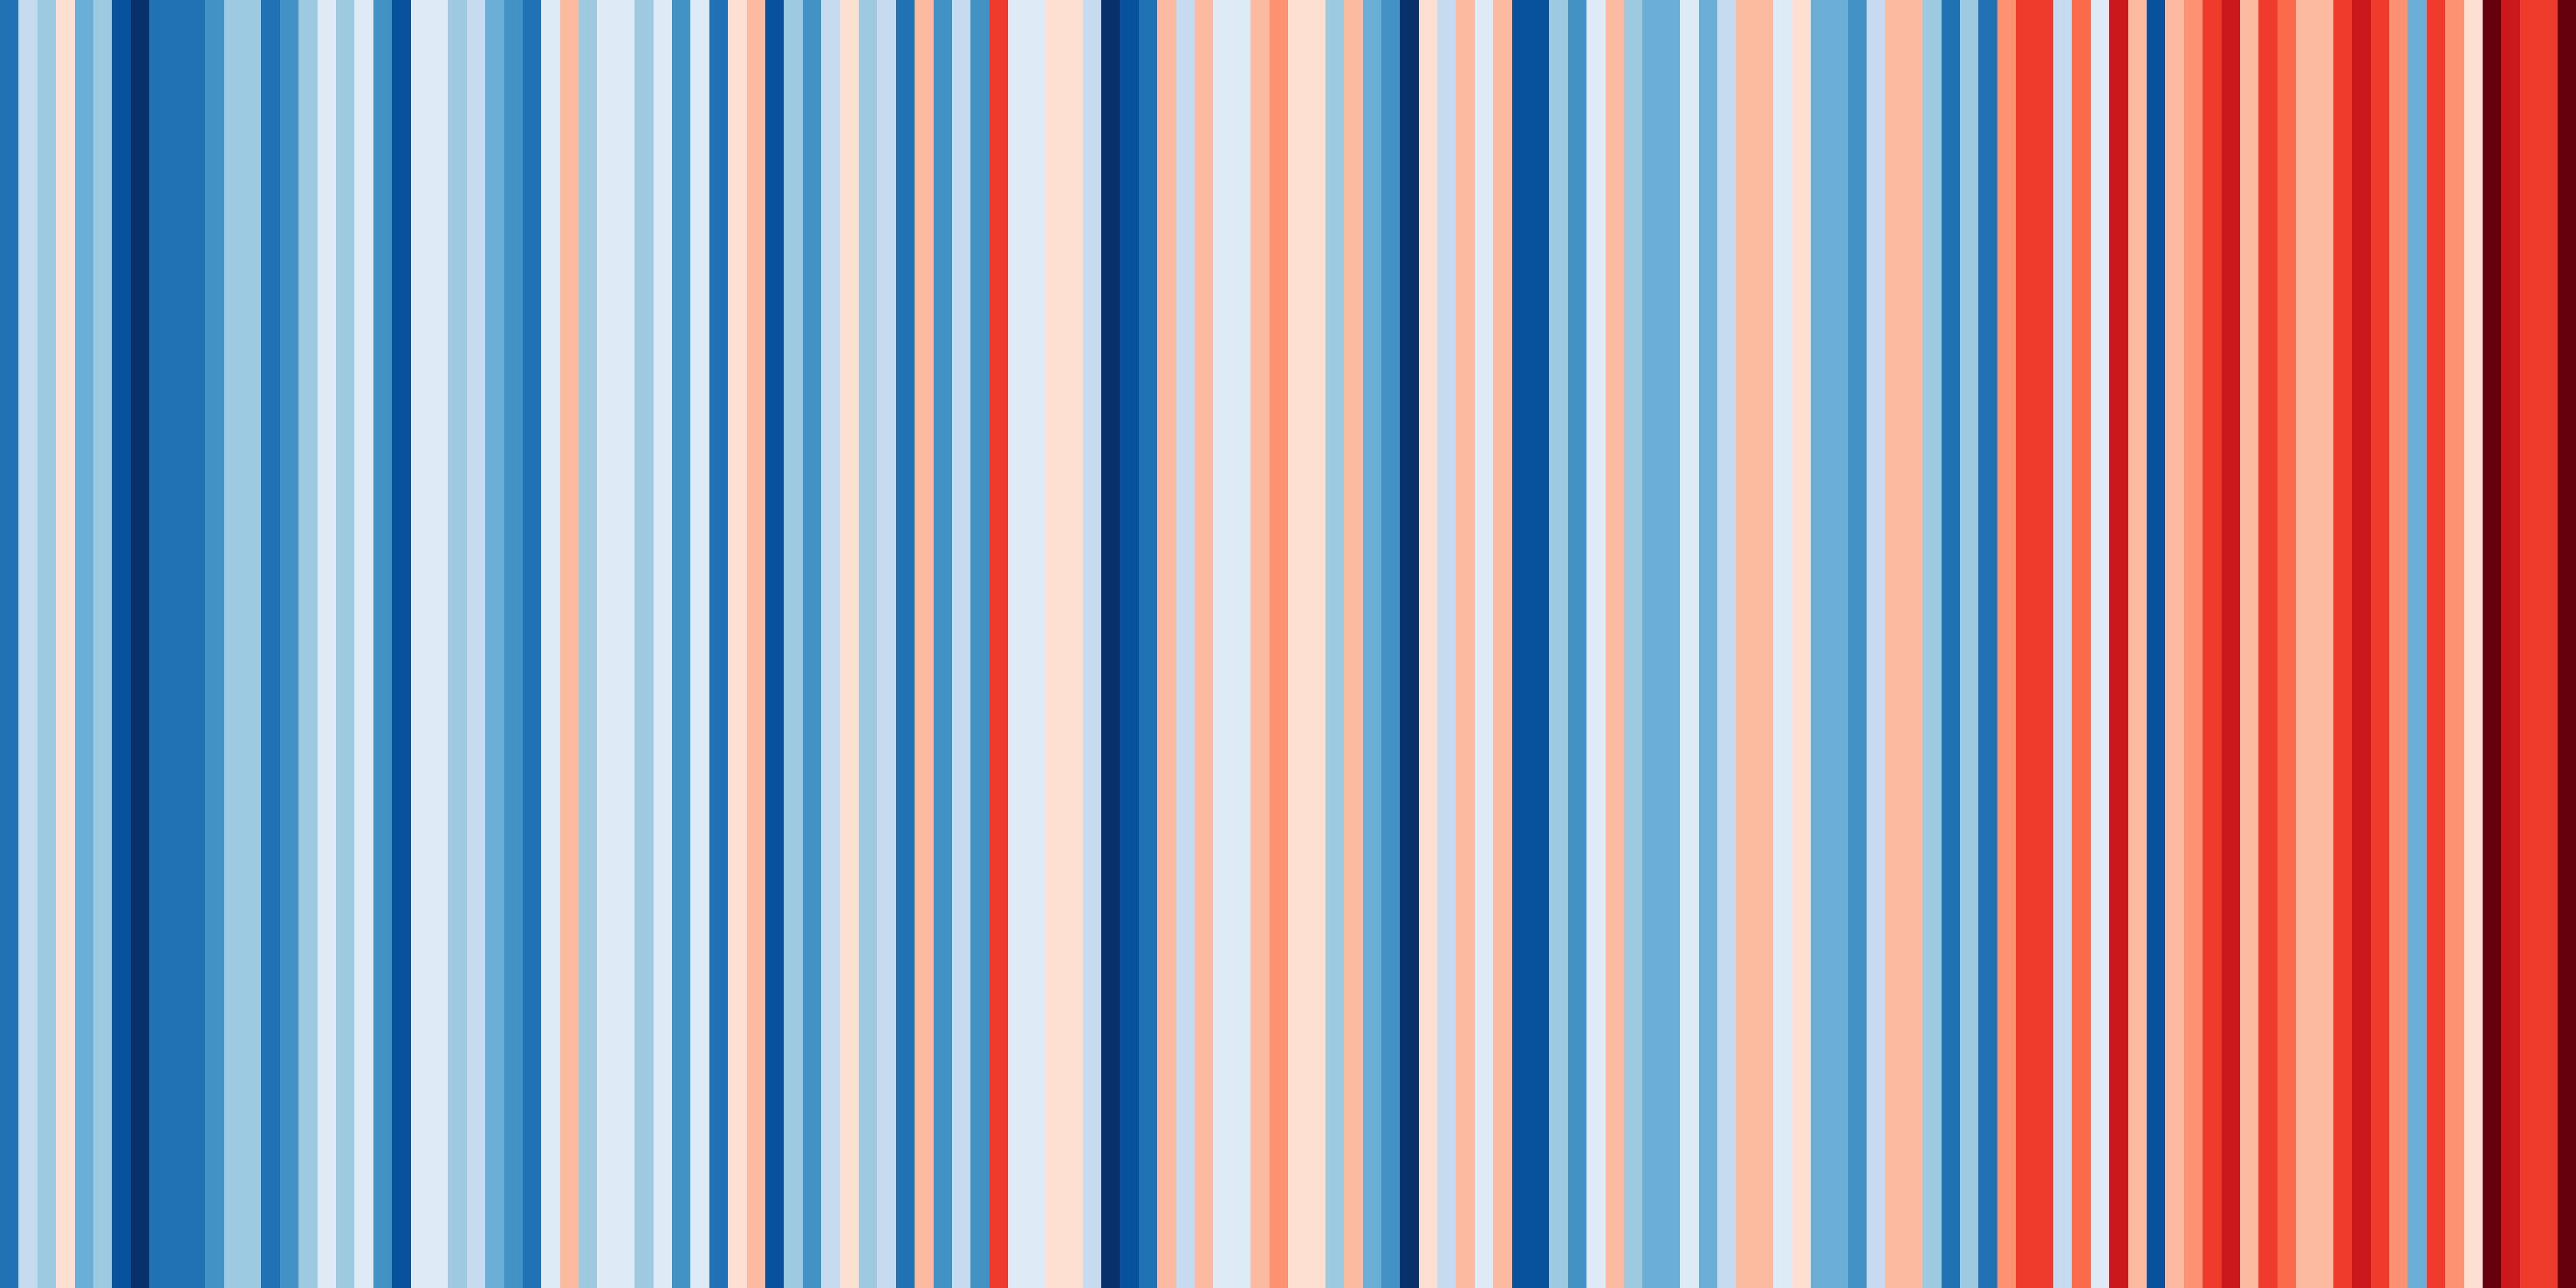 Klimawandel Deutschland Jahrestemperaturen